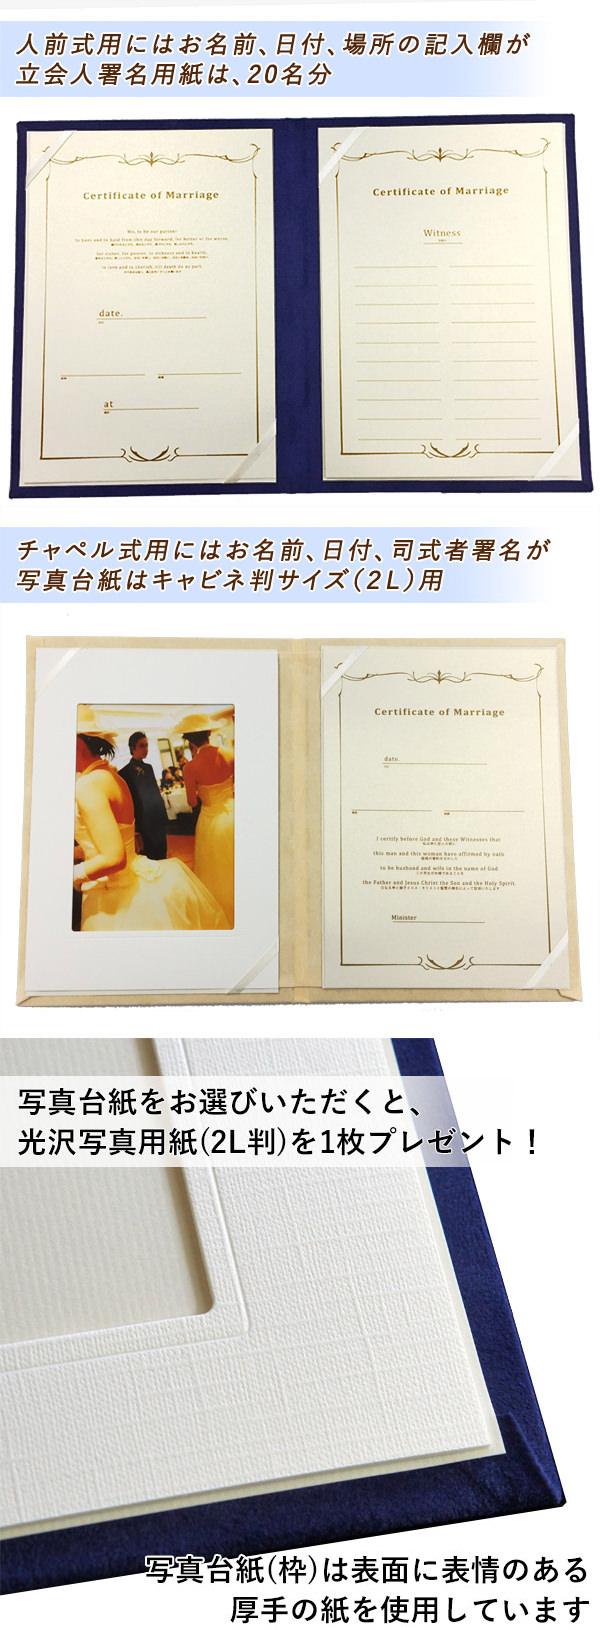 結婚証明書 人前式 チャペル式 高級感のあるシンプルな結婚証明書 テノール 誓約書